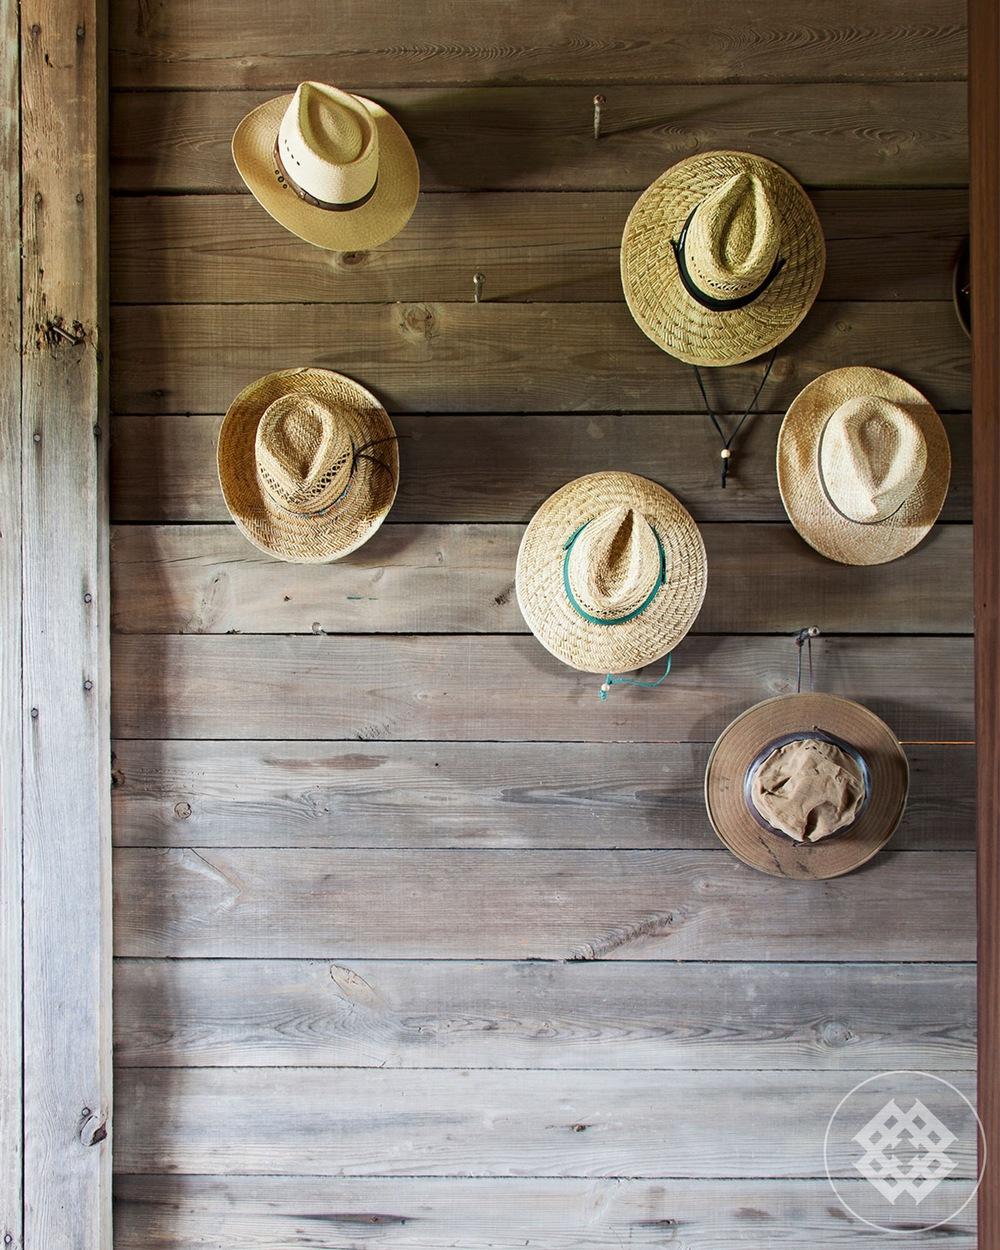 tss-hats233-1200x1500.jpg